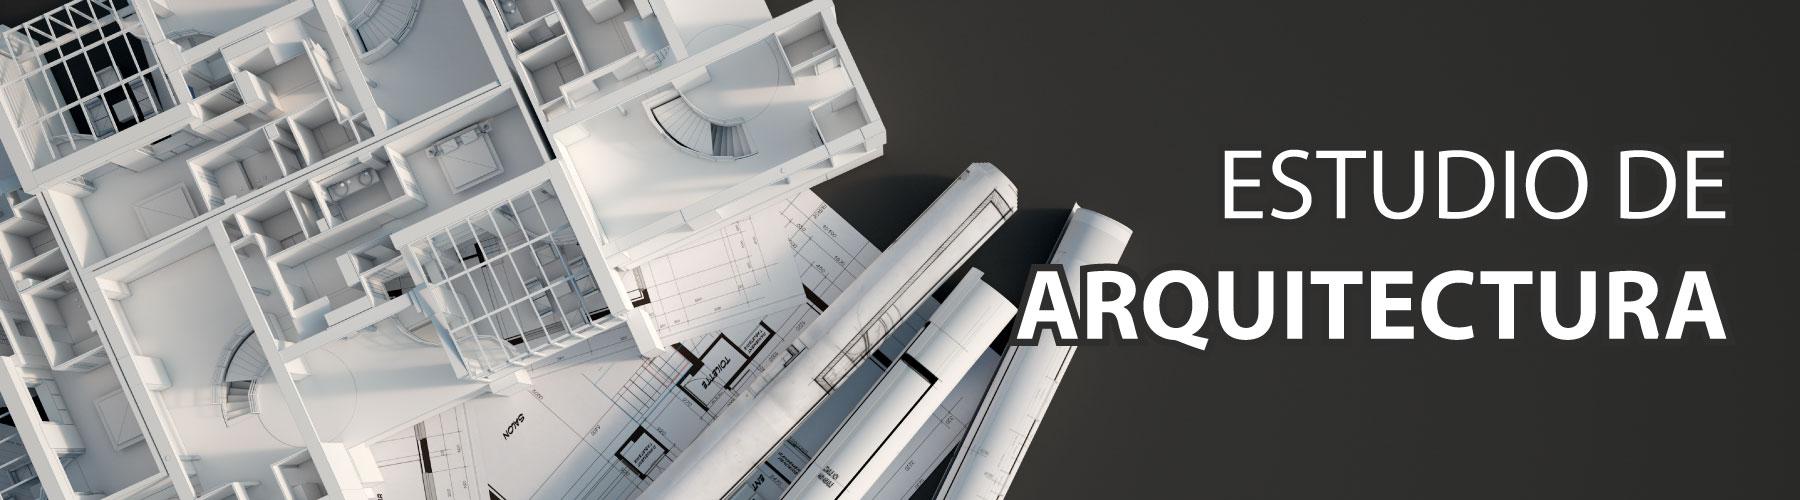 estudio-de-arquitectura-2